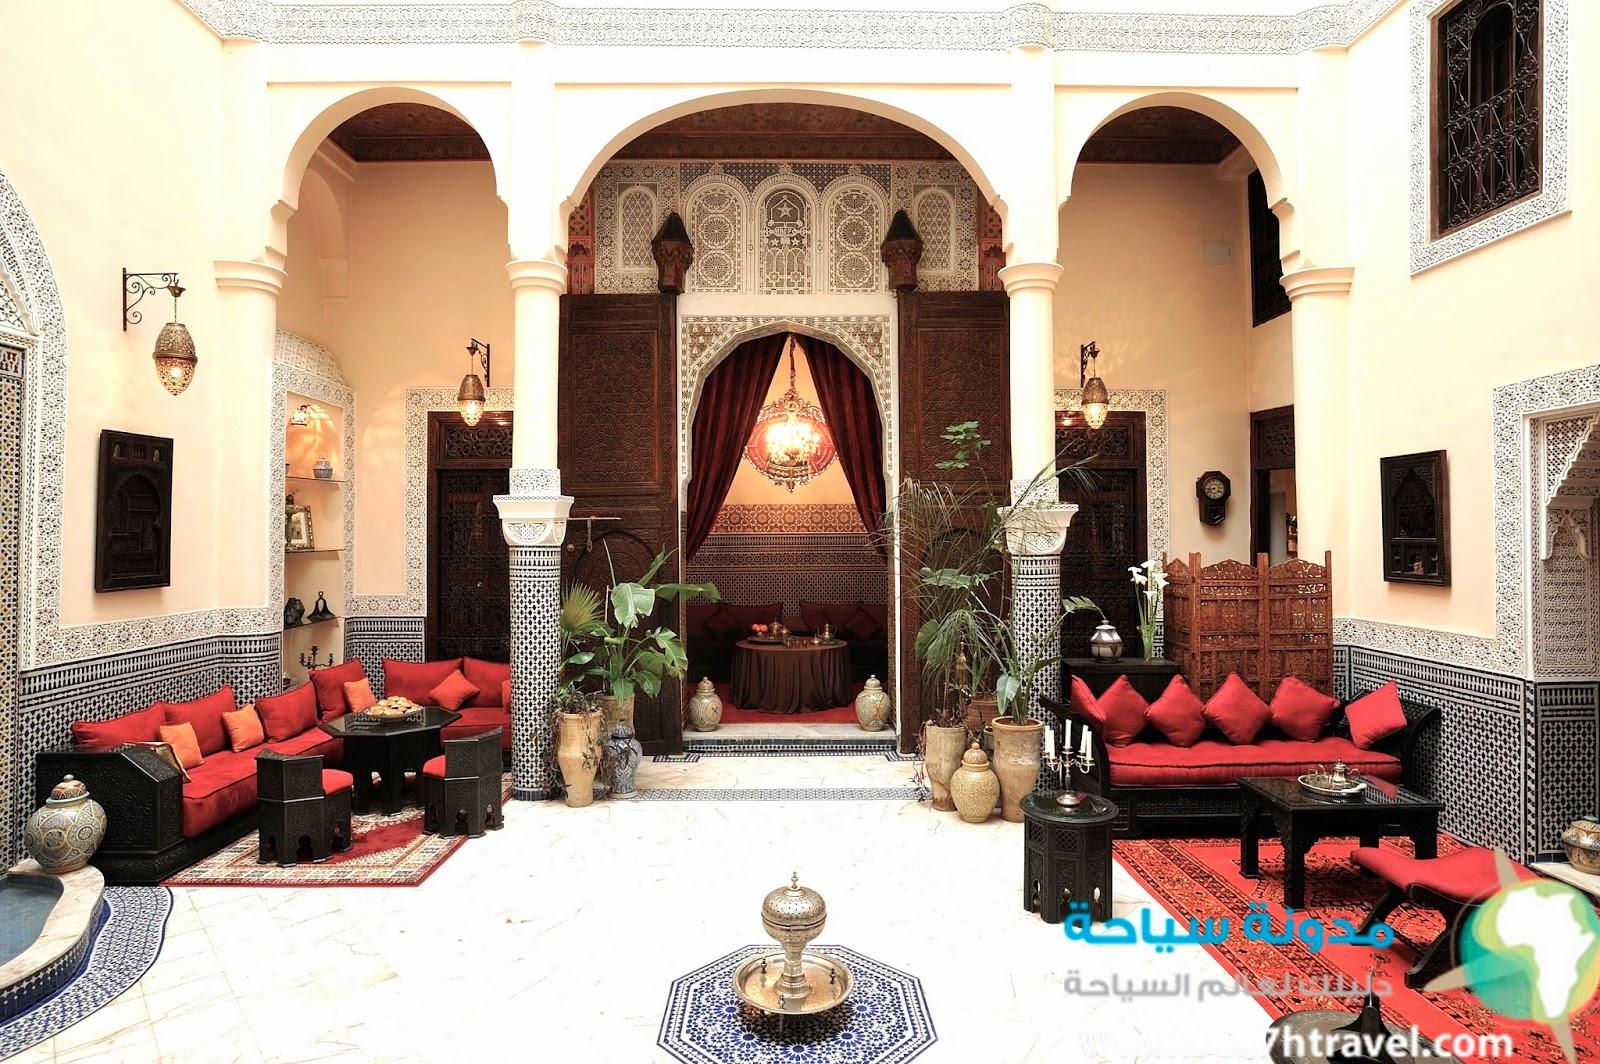 خمسة أسباب لتسافر إلى المغرب